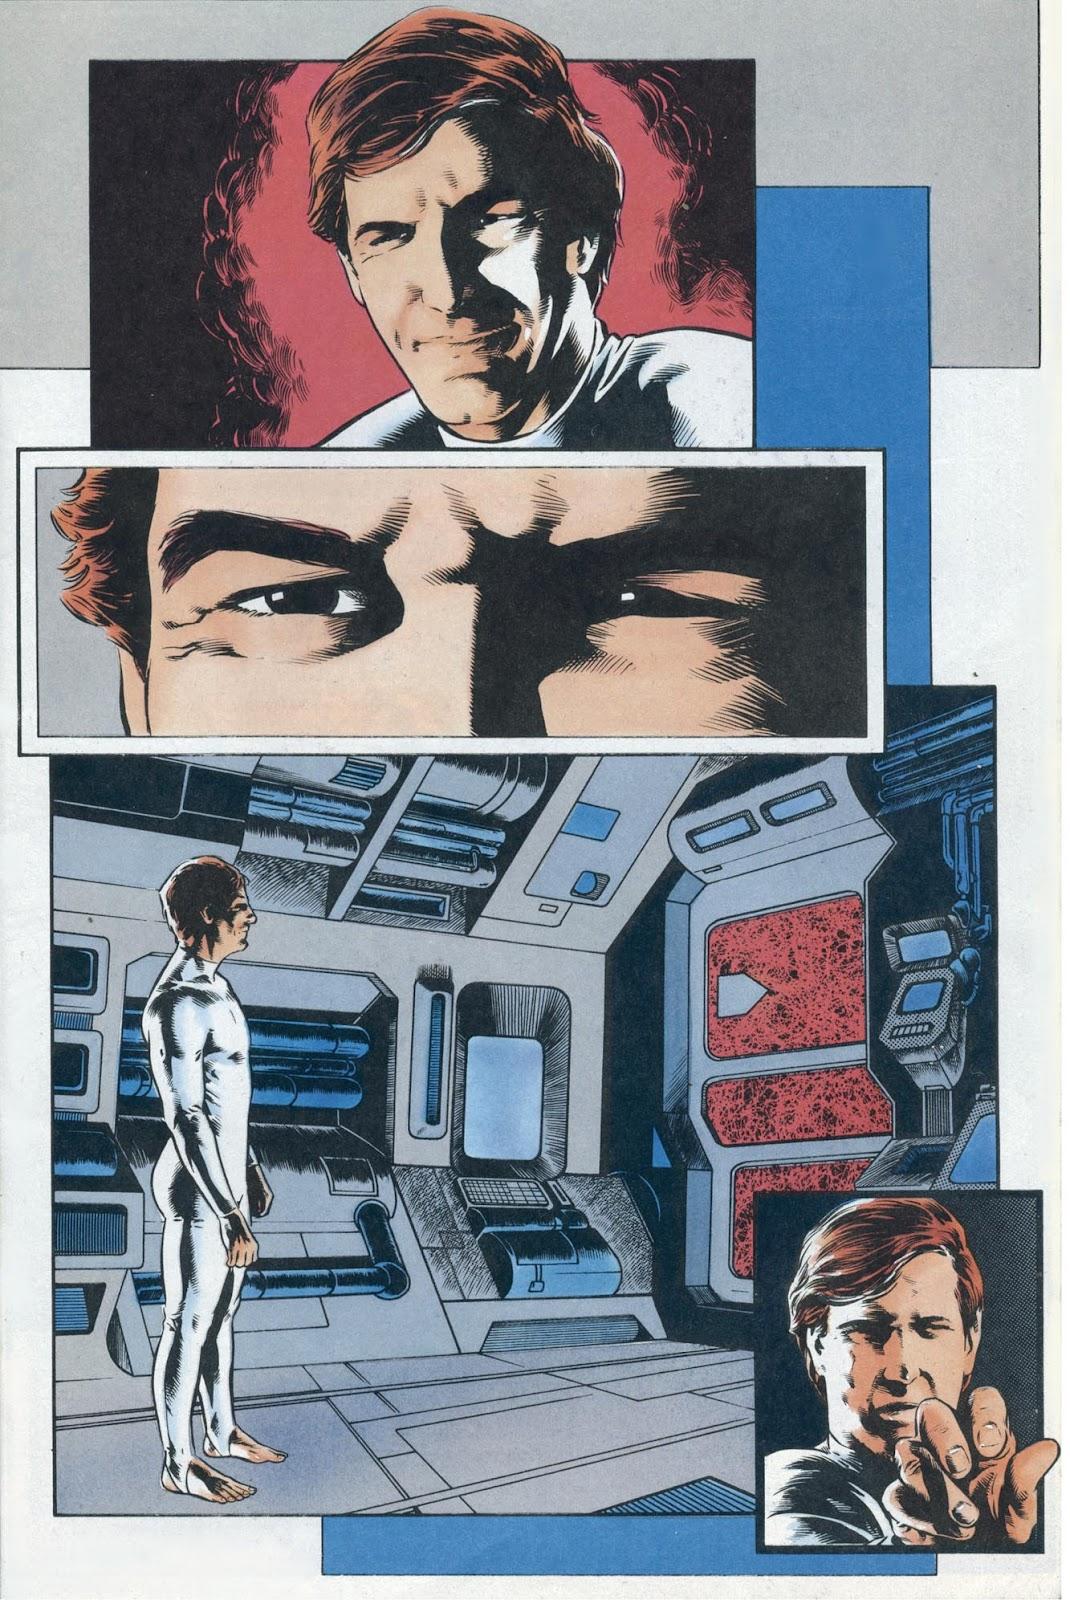 Read online Quantum Leap comic -  Issue #13 - 25